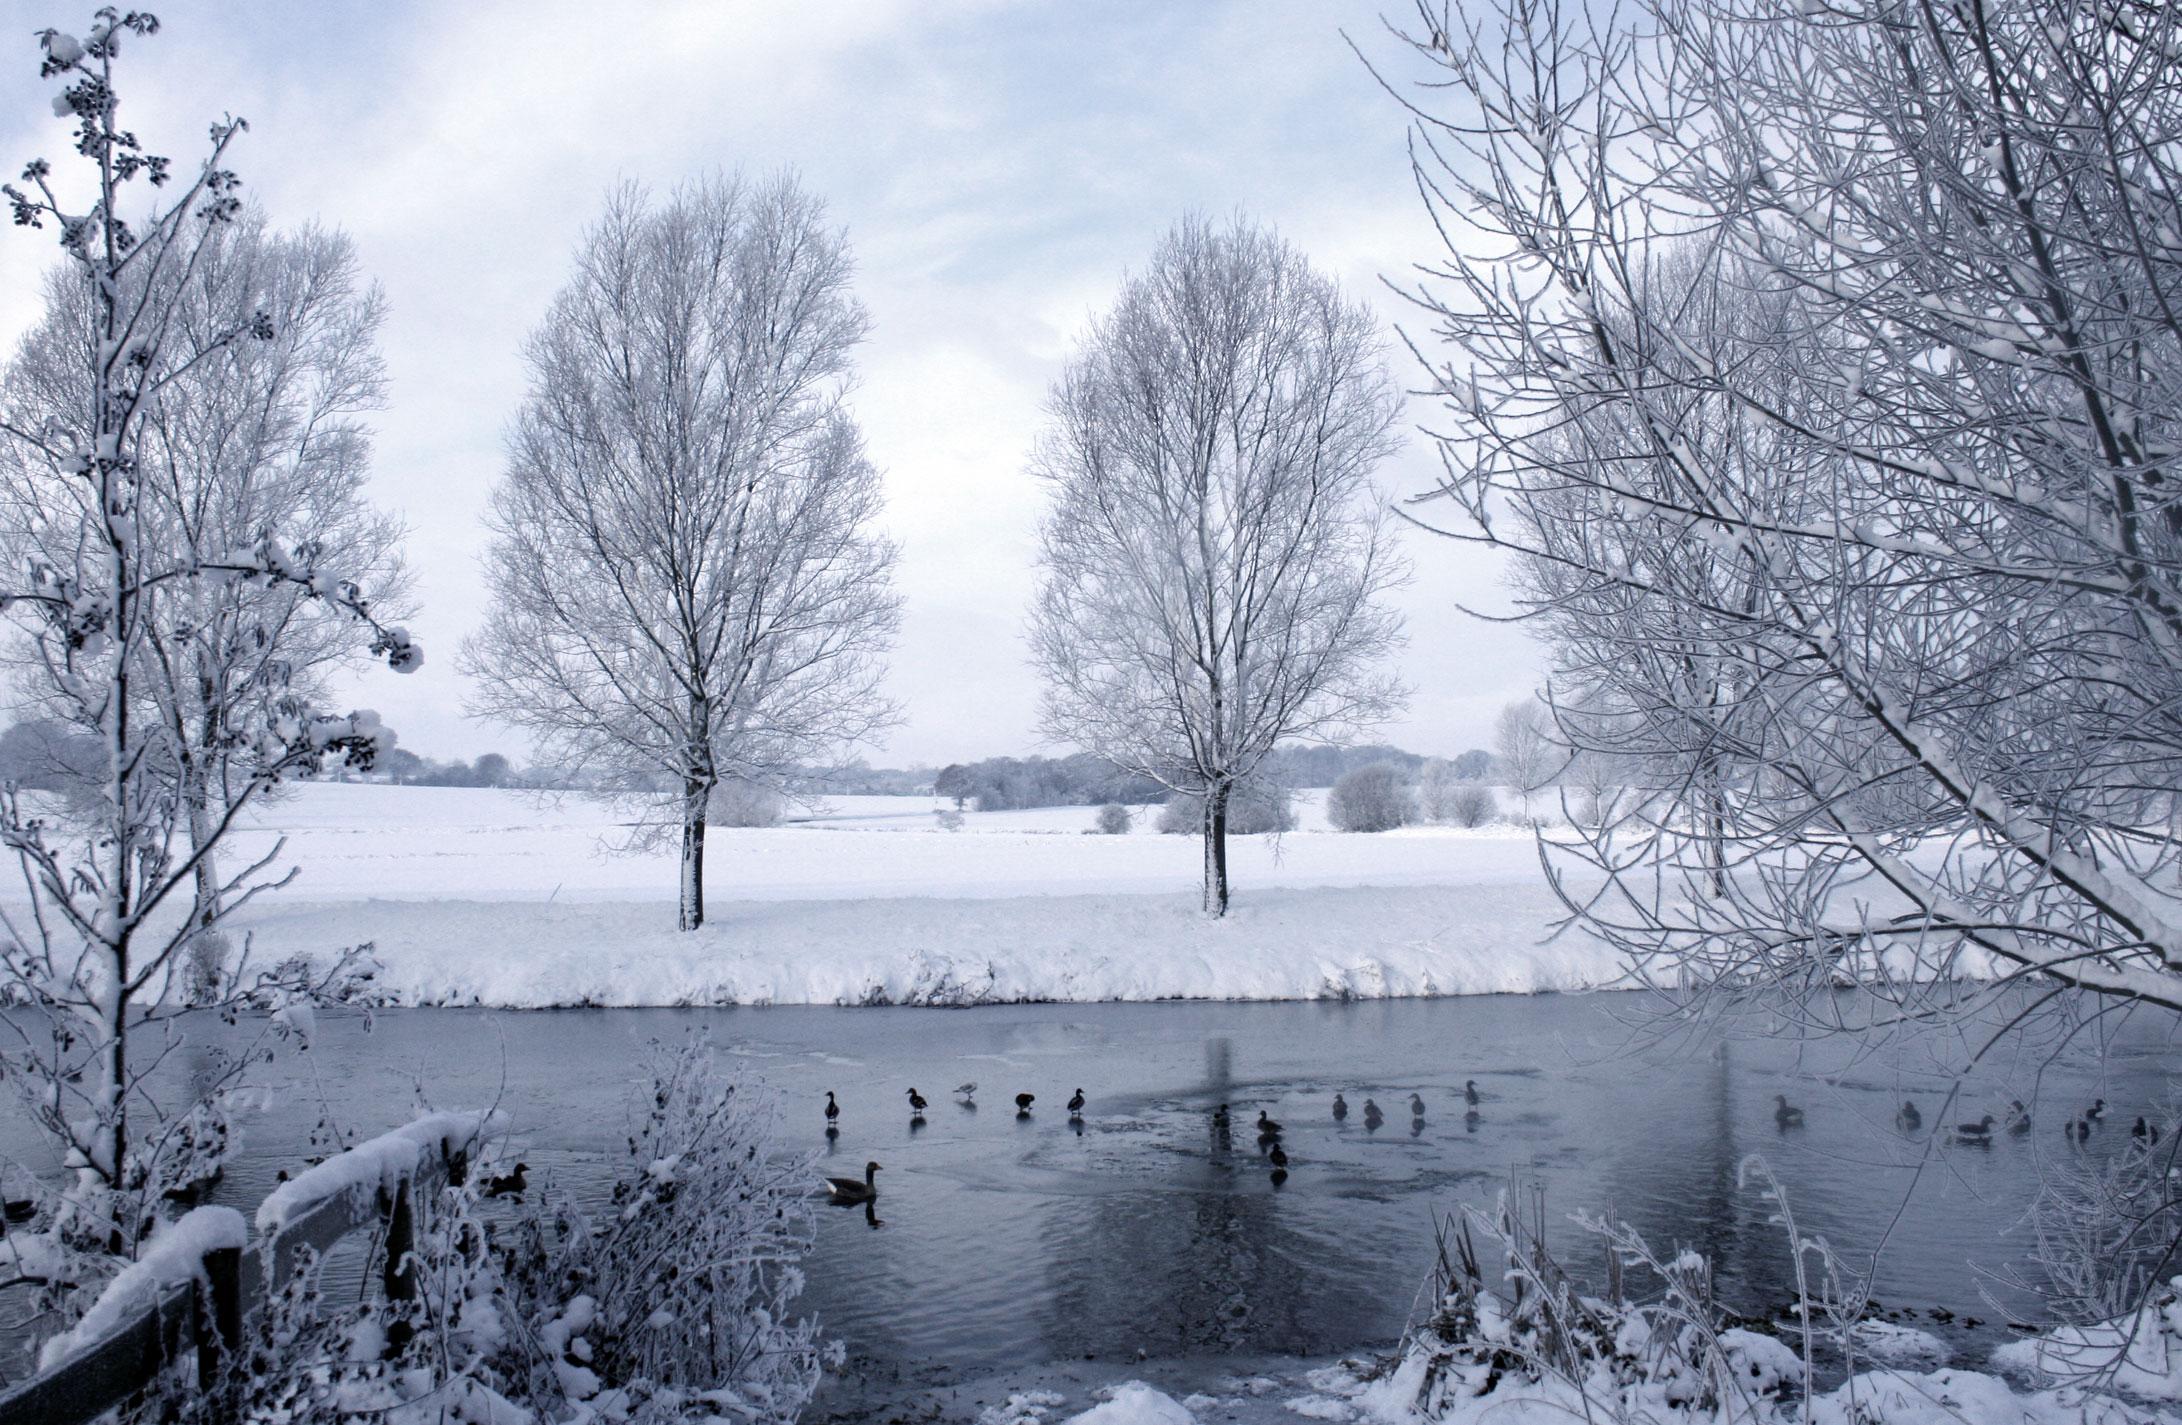 Mill-Tye-Gallery-Winter-River